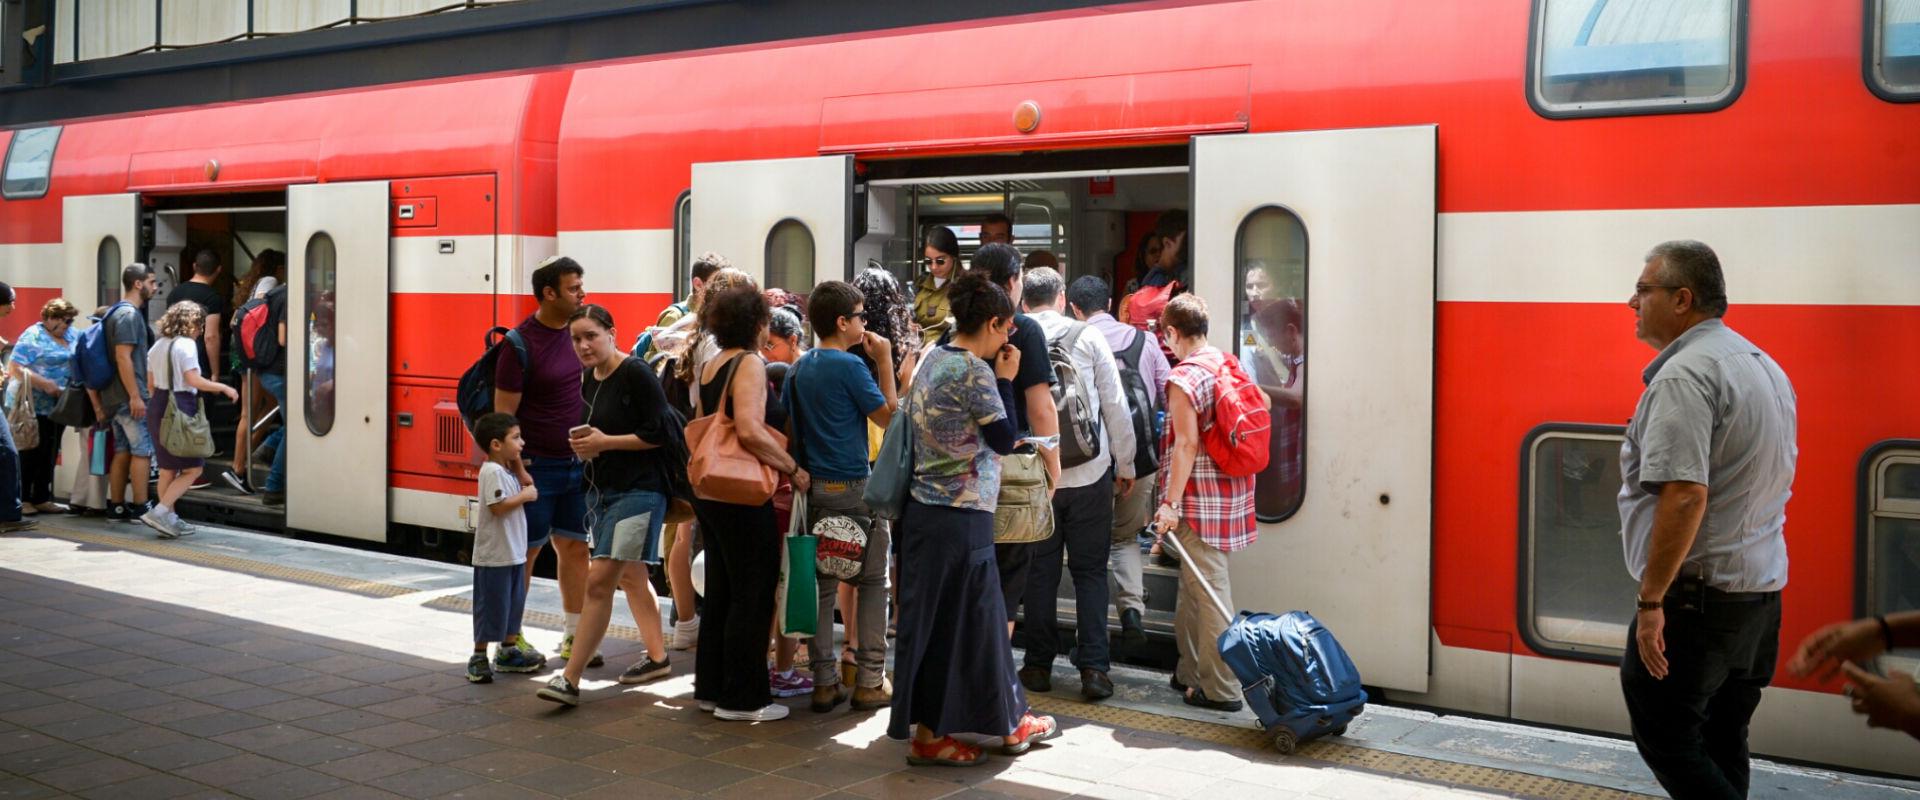 נוסעים ברכבת